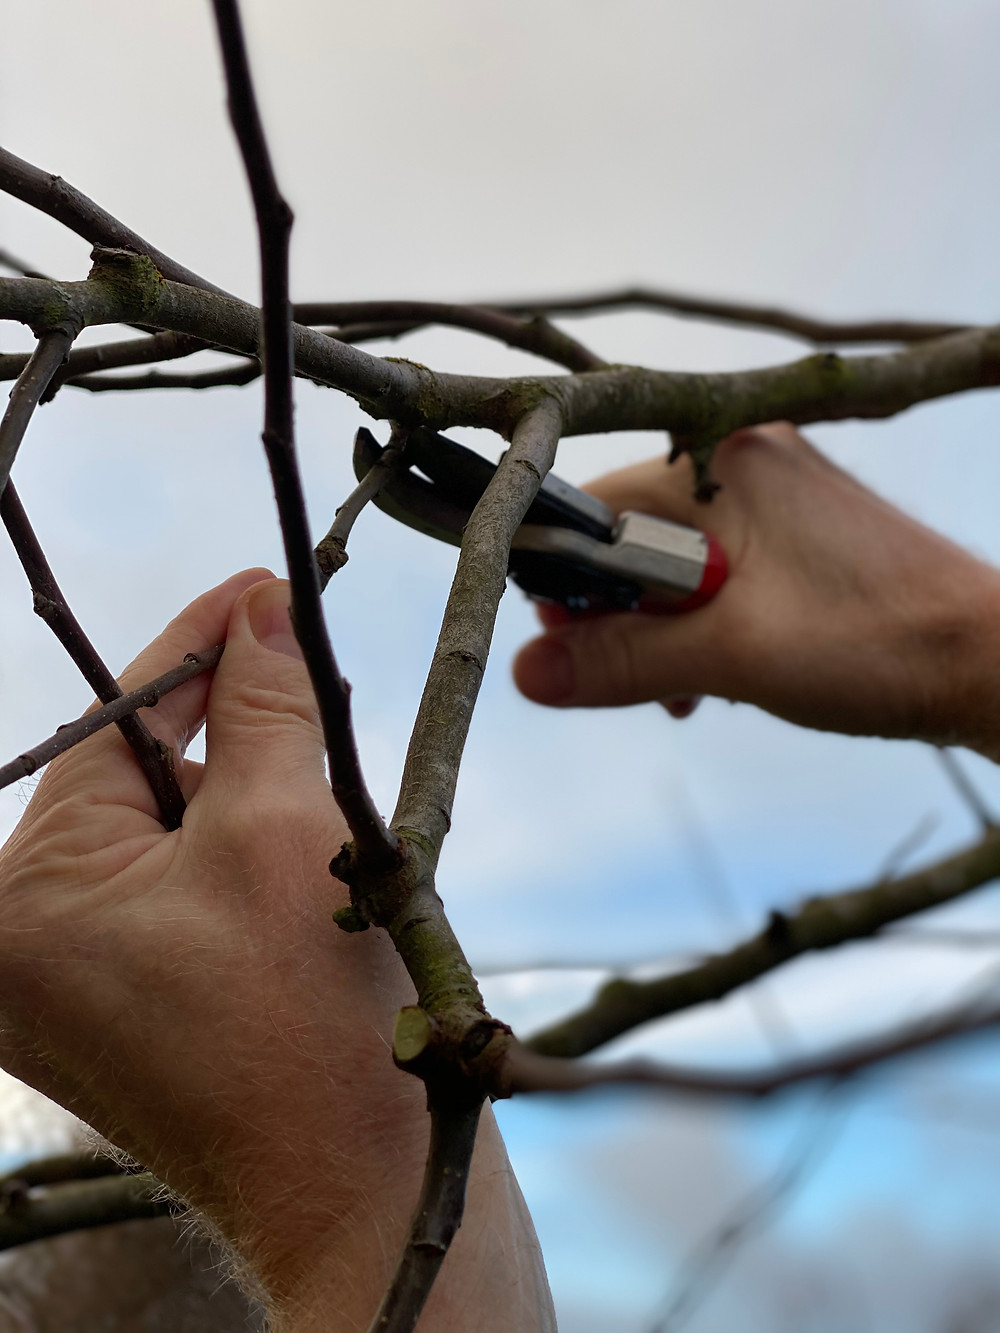 Det rigtige værktøj er det halve arbejde ved beskæring af æbletræer